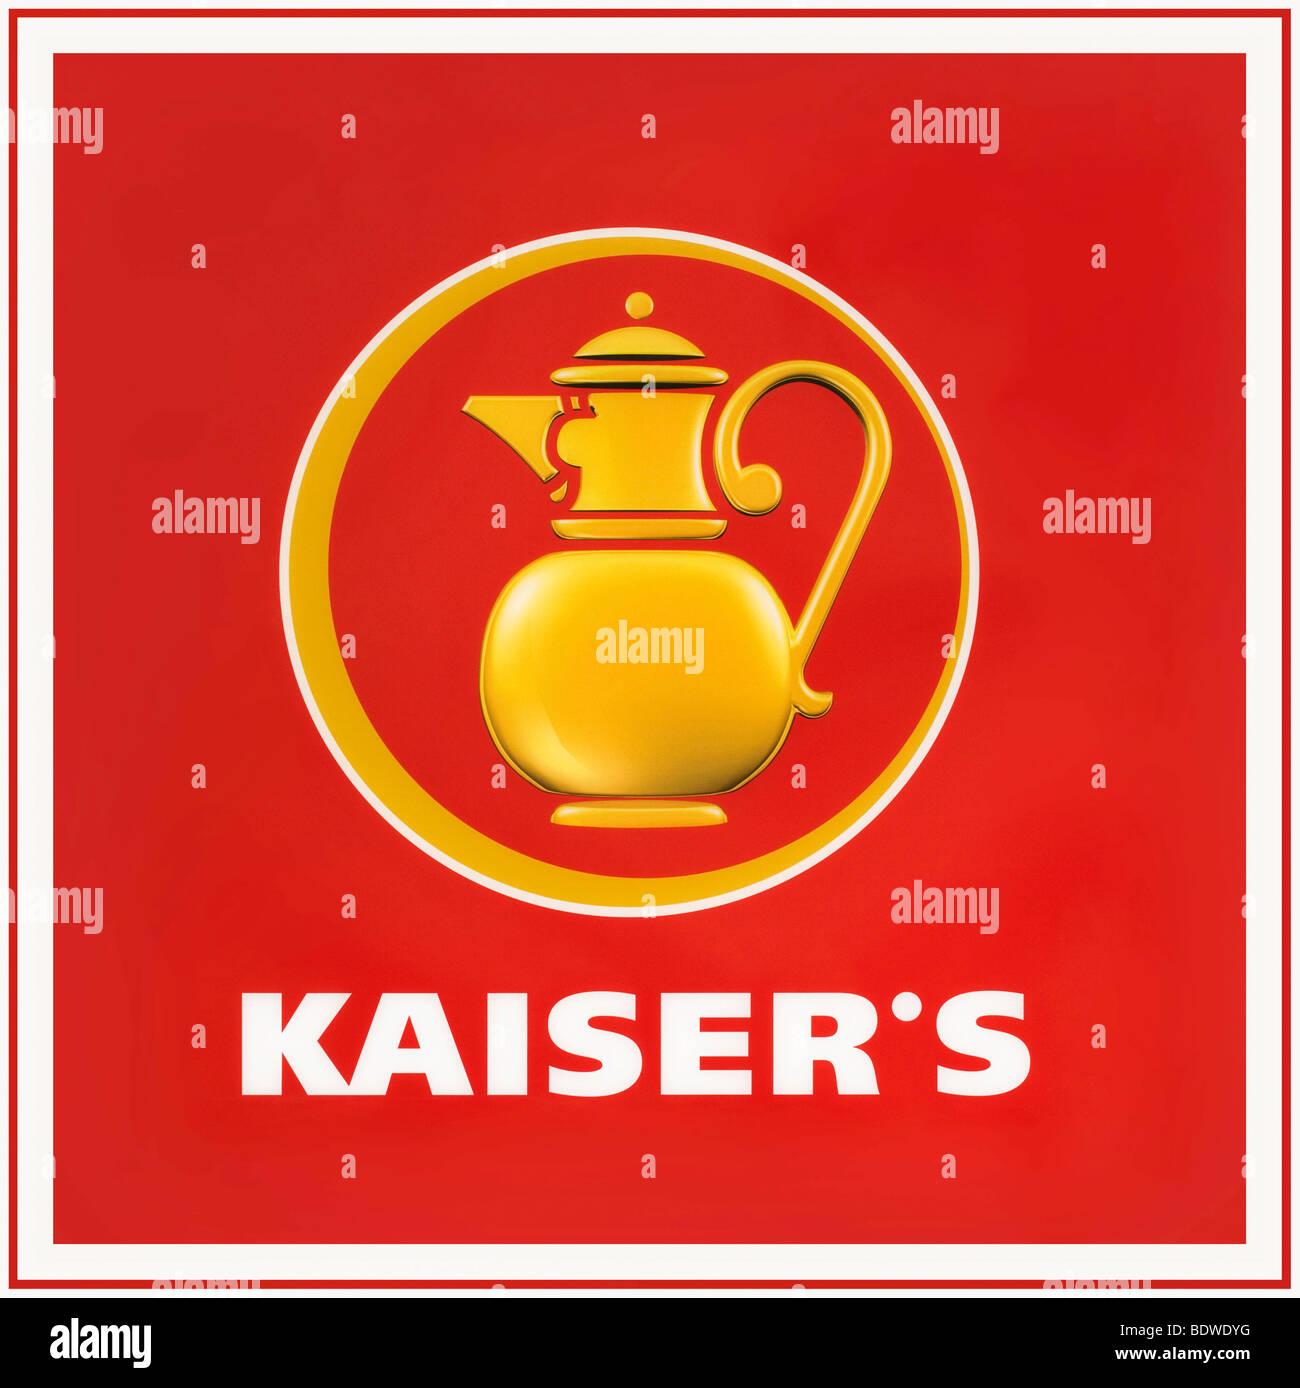 Kaiser's logo, Kaiser's Tengelmann AG, retail, food market - Stock Image